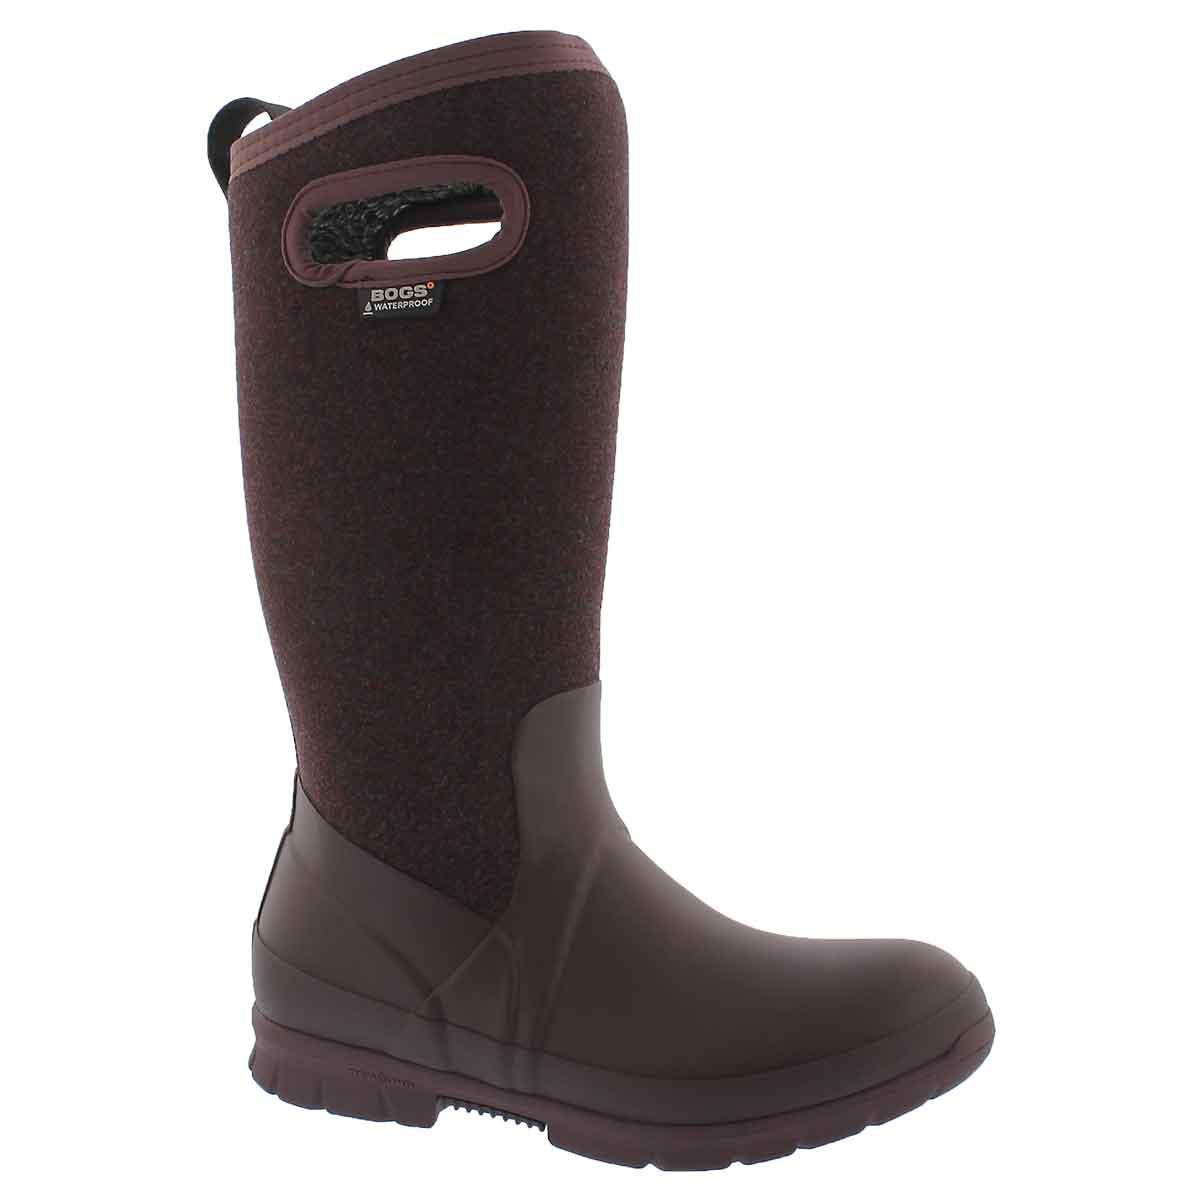 Women's CRANDALL TALL WOOL plum wtpf boots